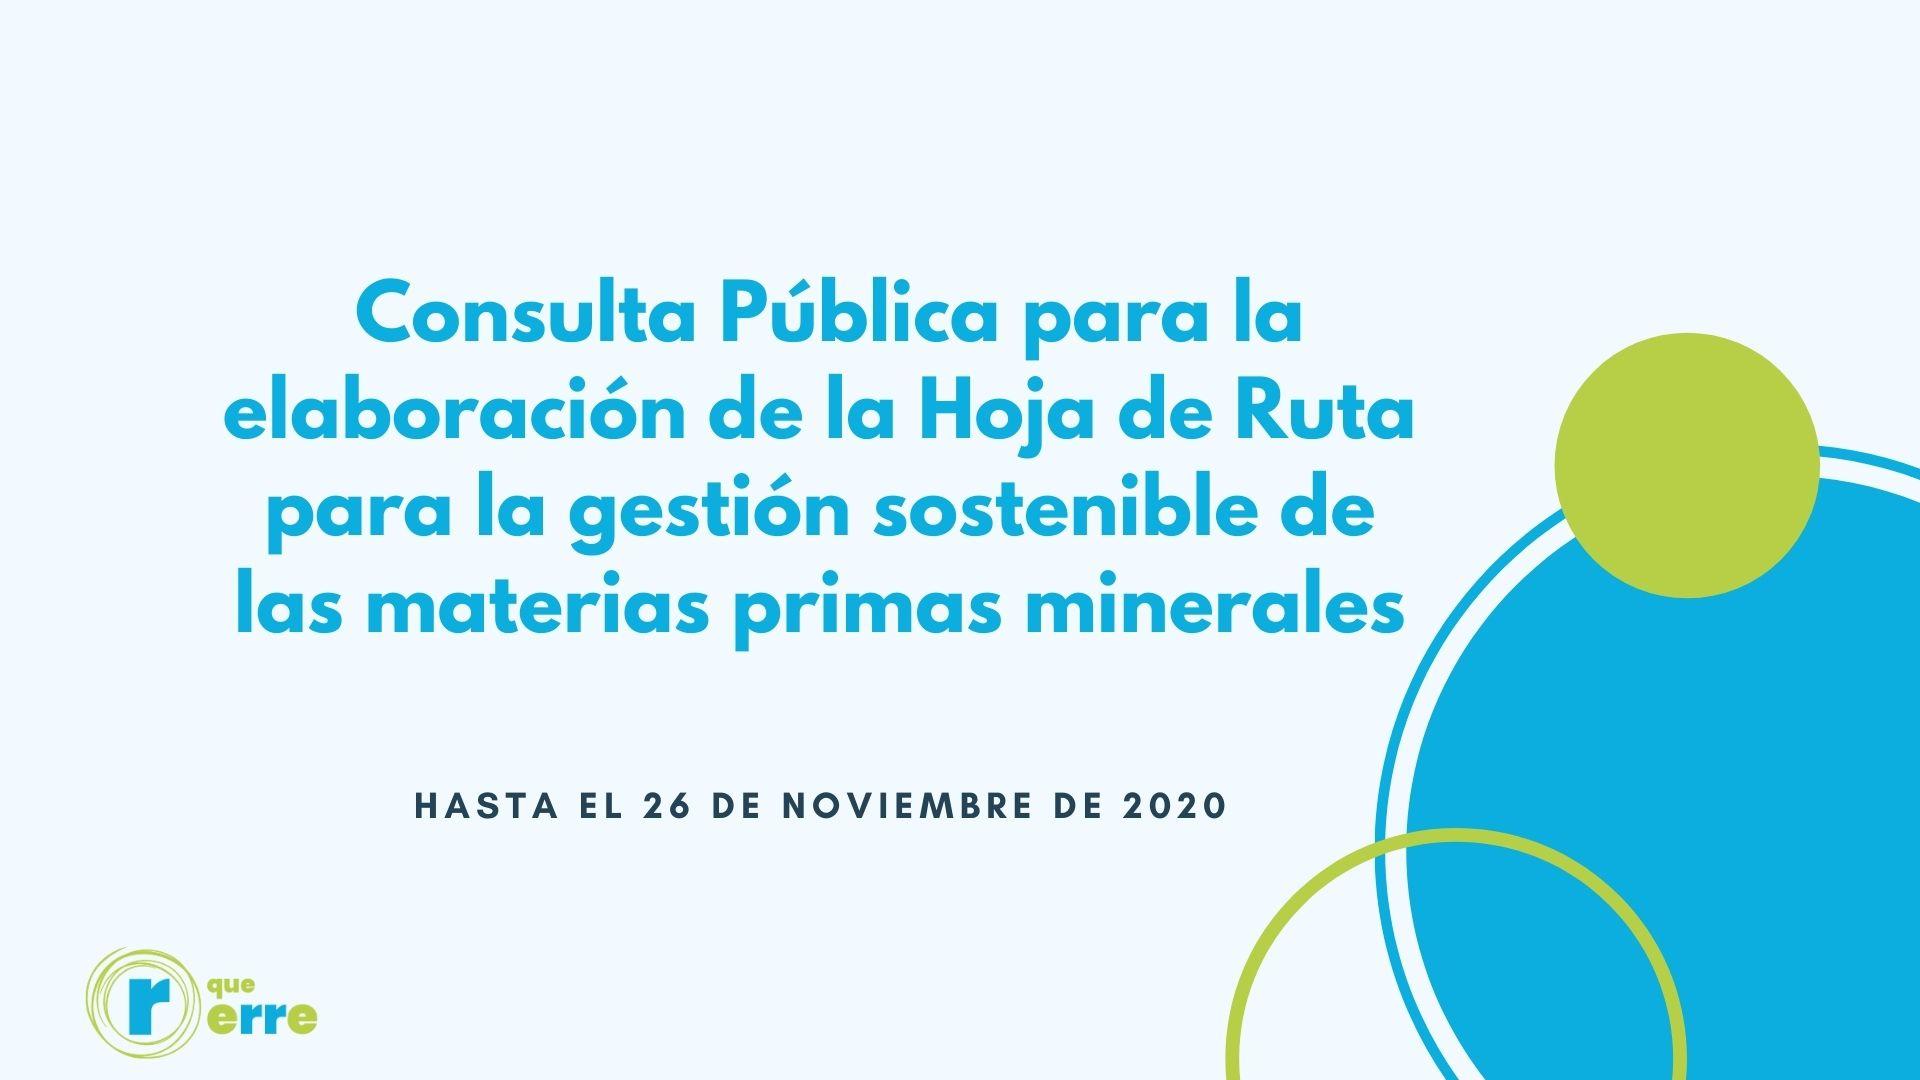 Consulta Pública para la elaboración de la Hoja de Ruta para la gestión sostenible de las materias primas minerales